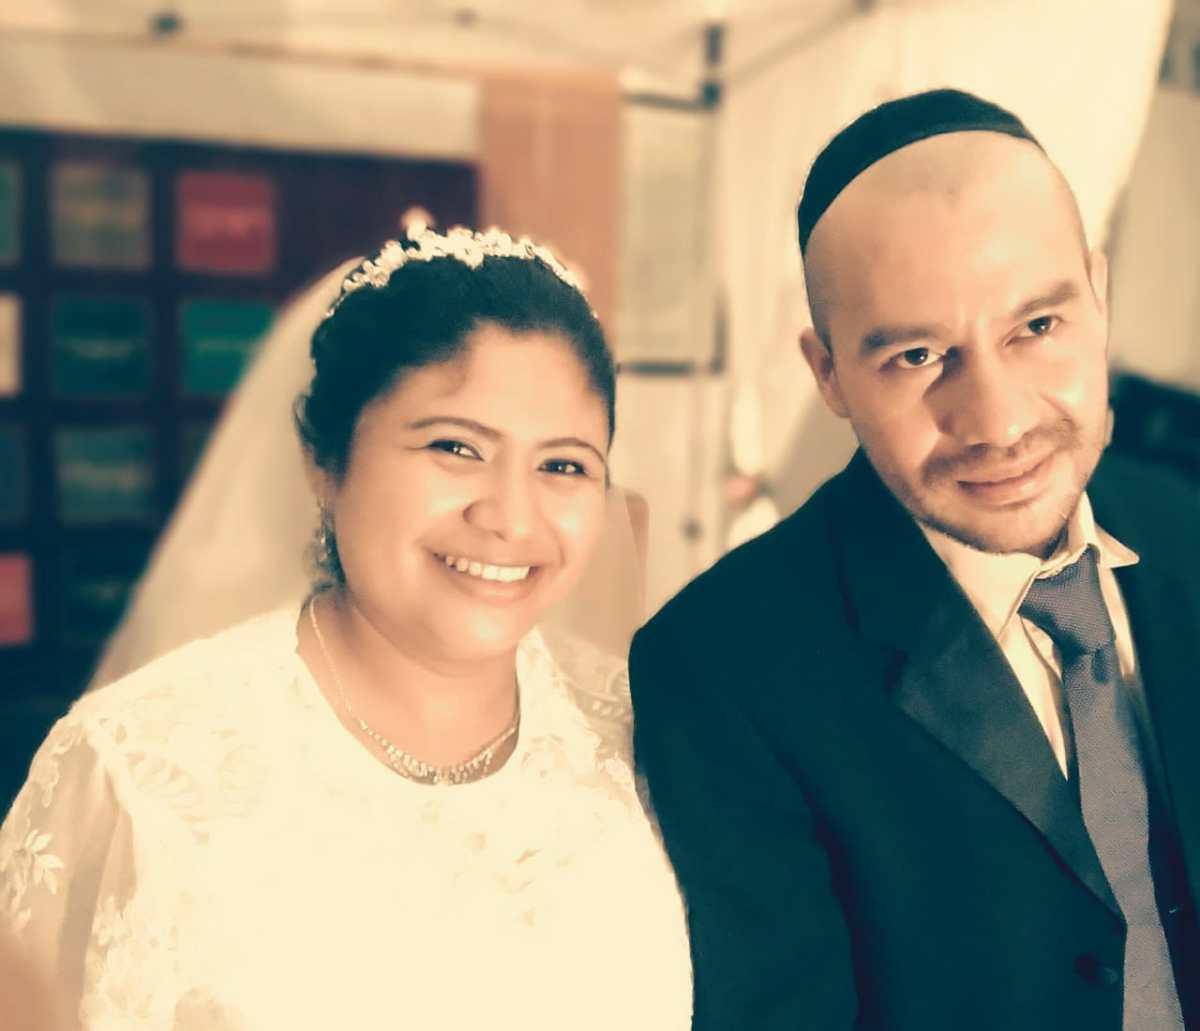 El emisario de Shavei Israel dirige su primera boda en El Salvador.